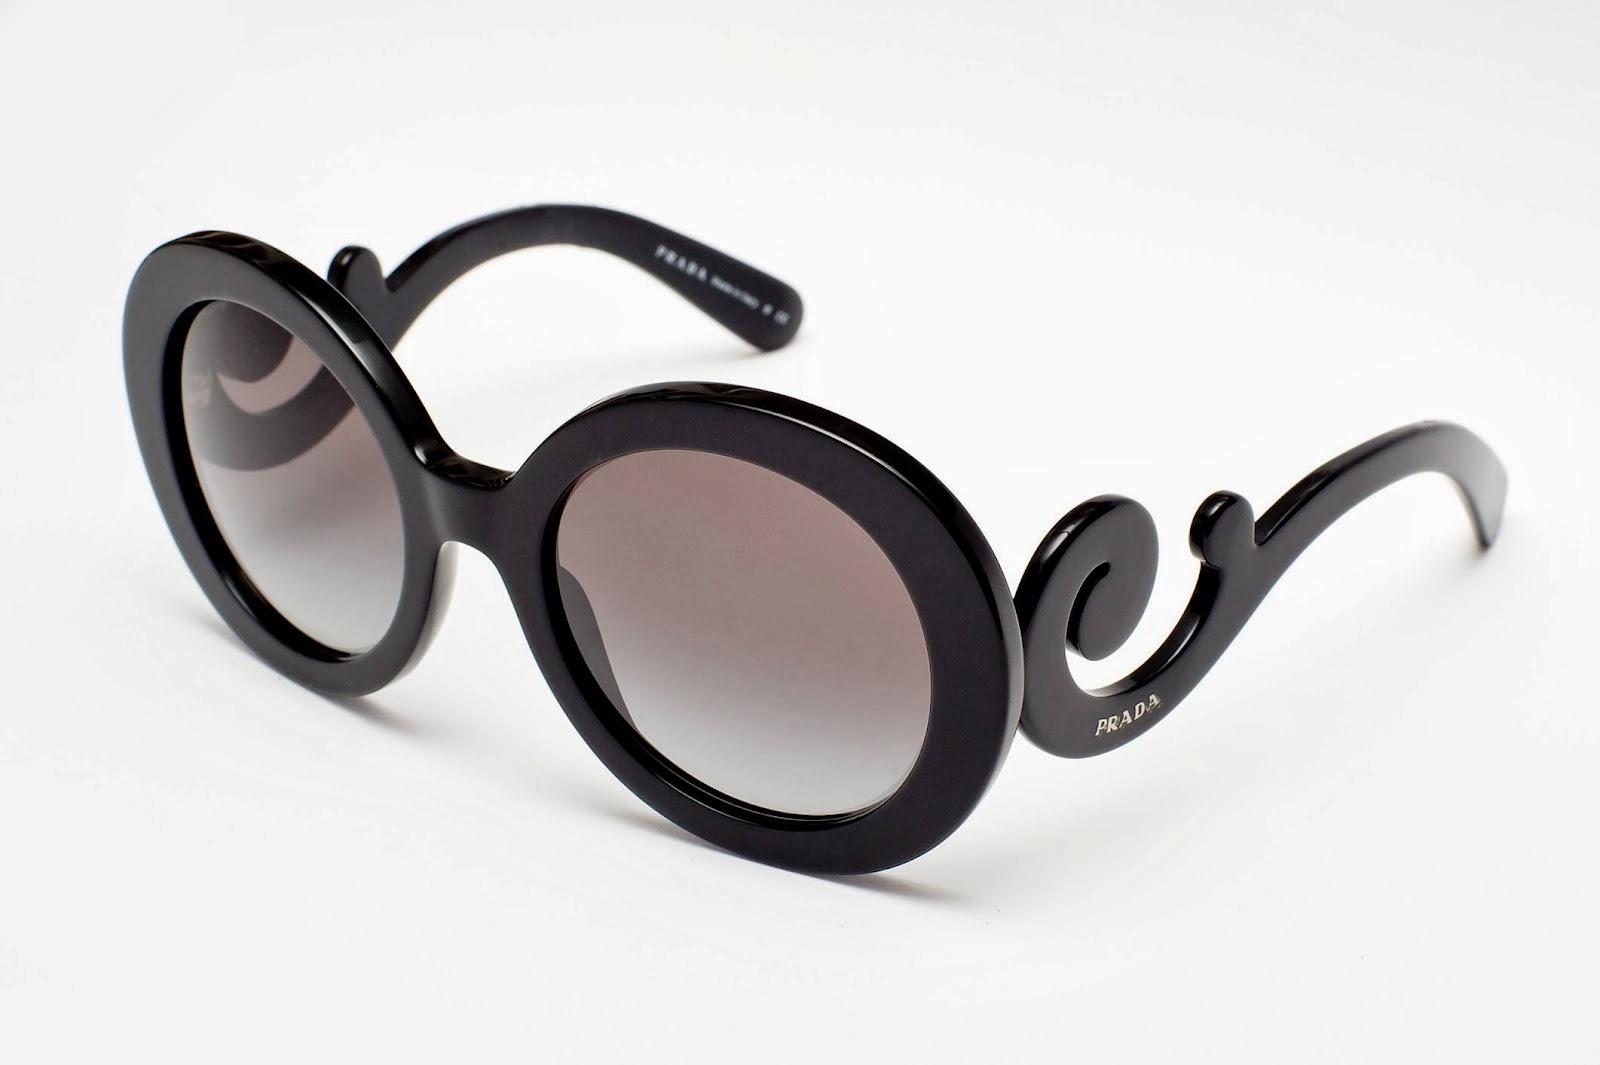 a2eb7cabf3ed0 óculos De Sol Prada Réplica « One More Soul